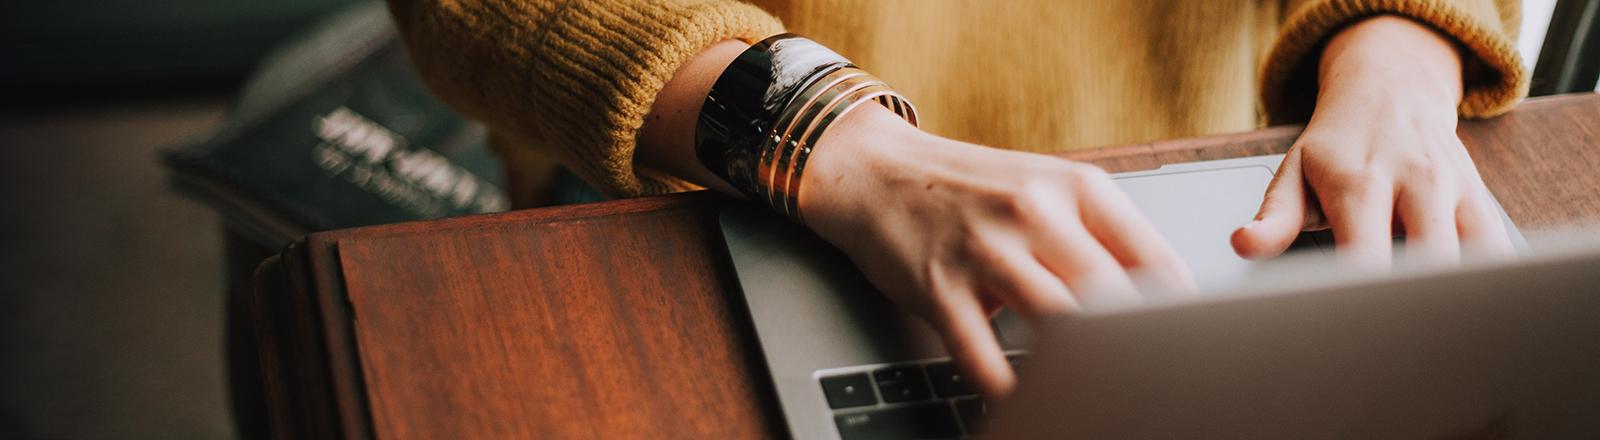 Frauenhände tippen auf einer Laptop-Tastatur